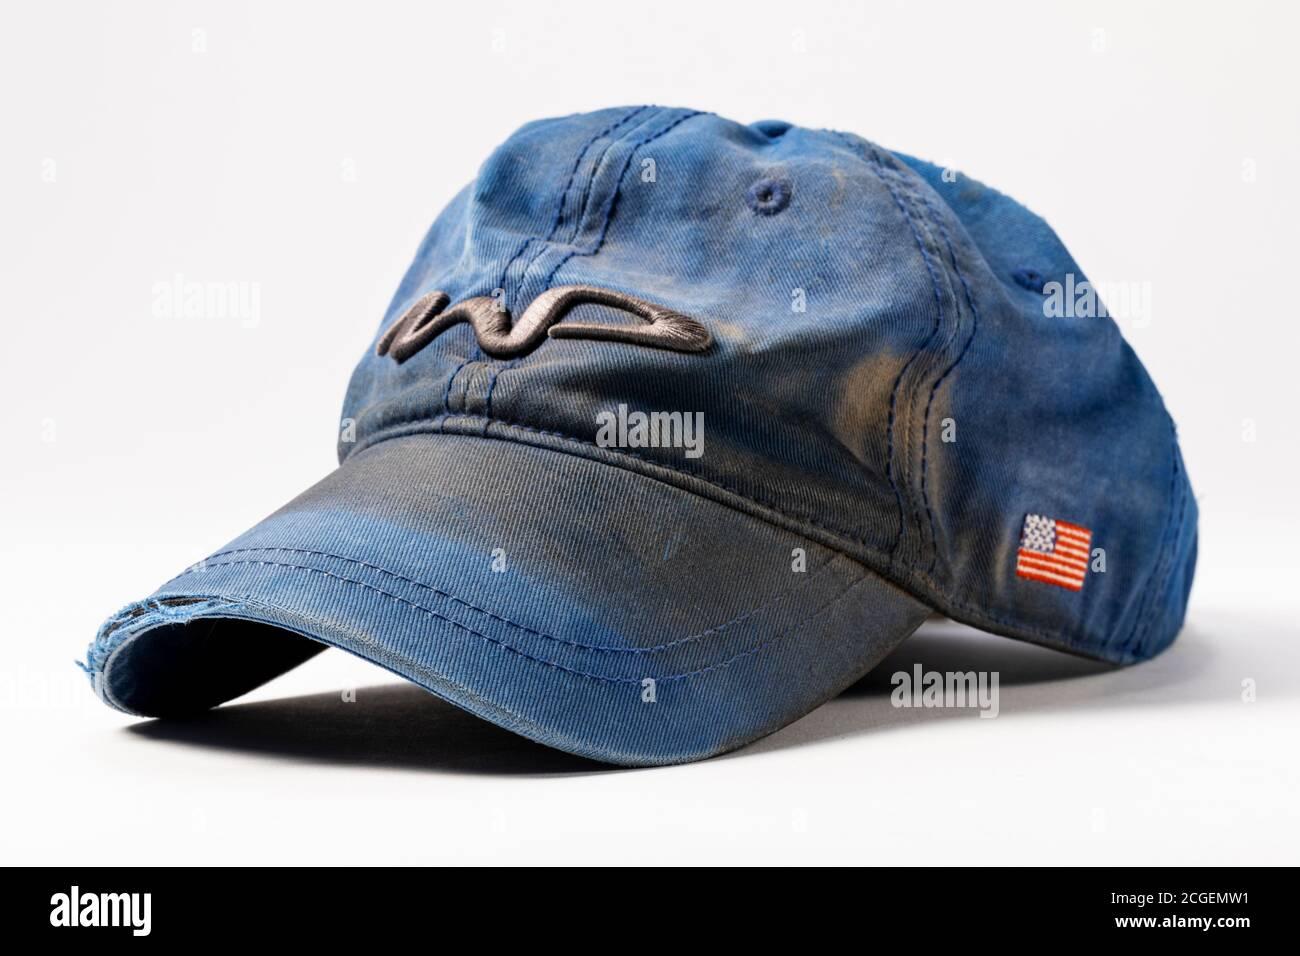 La vie en studio de vieux chapeau de base-ball usé et sale Banque D'Images